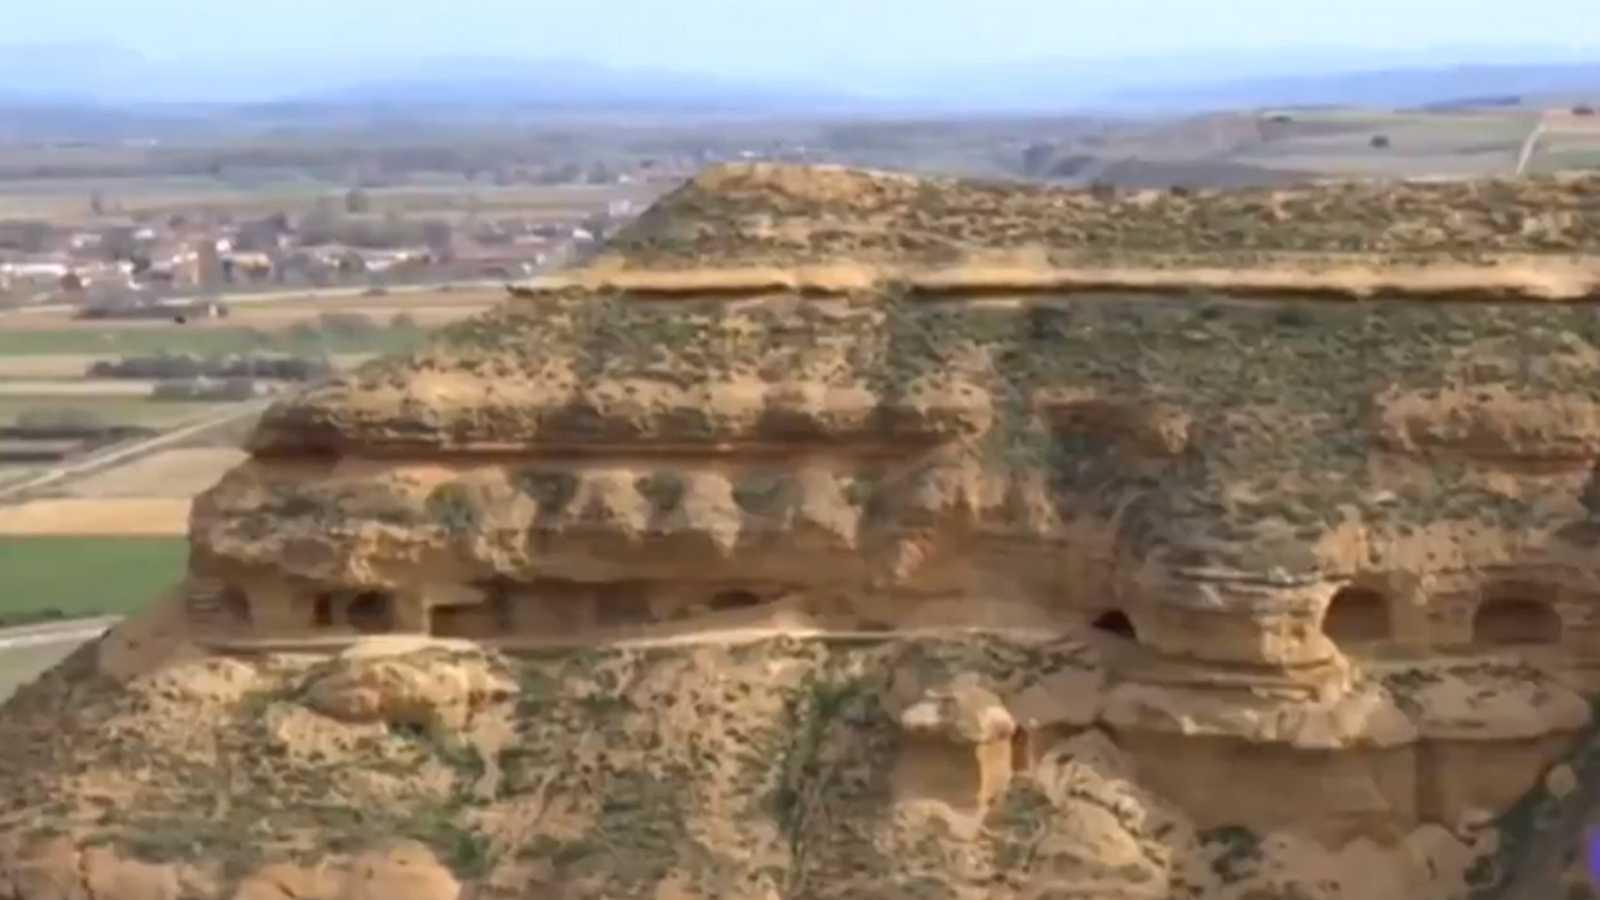 En clave Turismo - Cuevas Menudas, nuevo destino turístico en la provincia de León - 10/05/21 - escuchar ahora